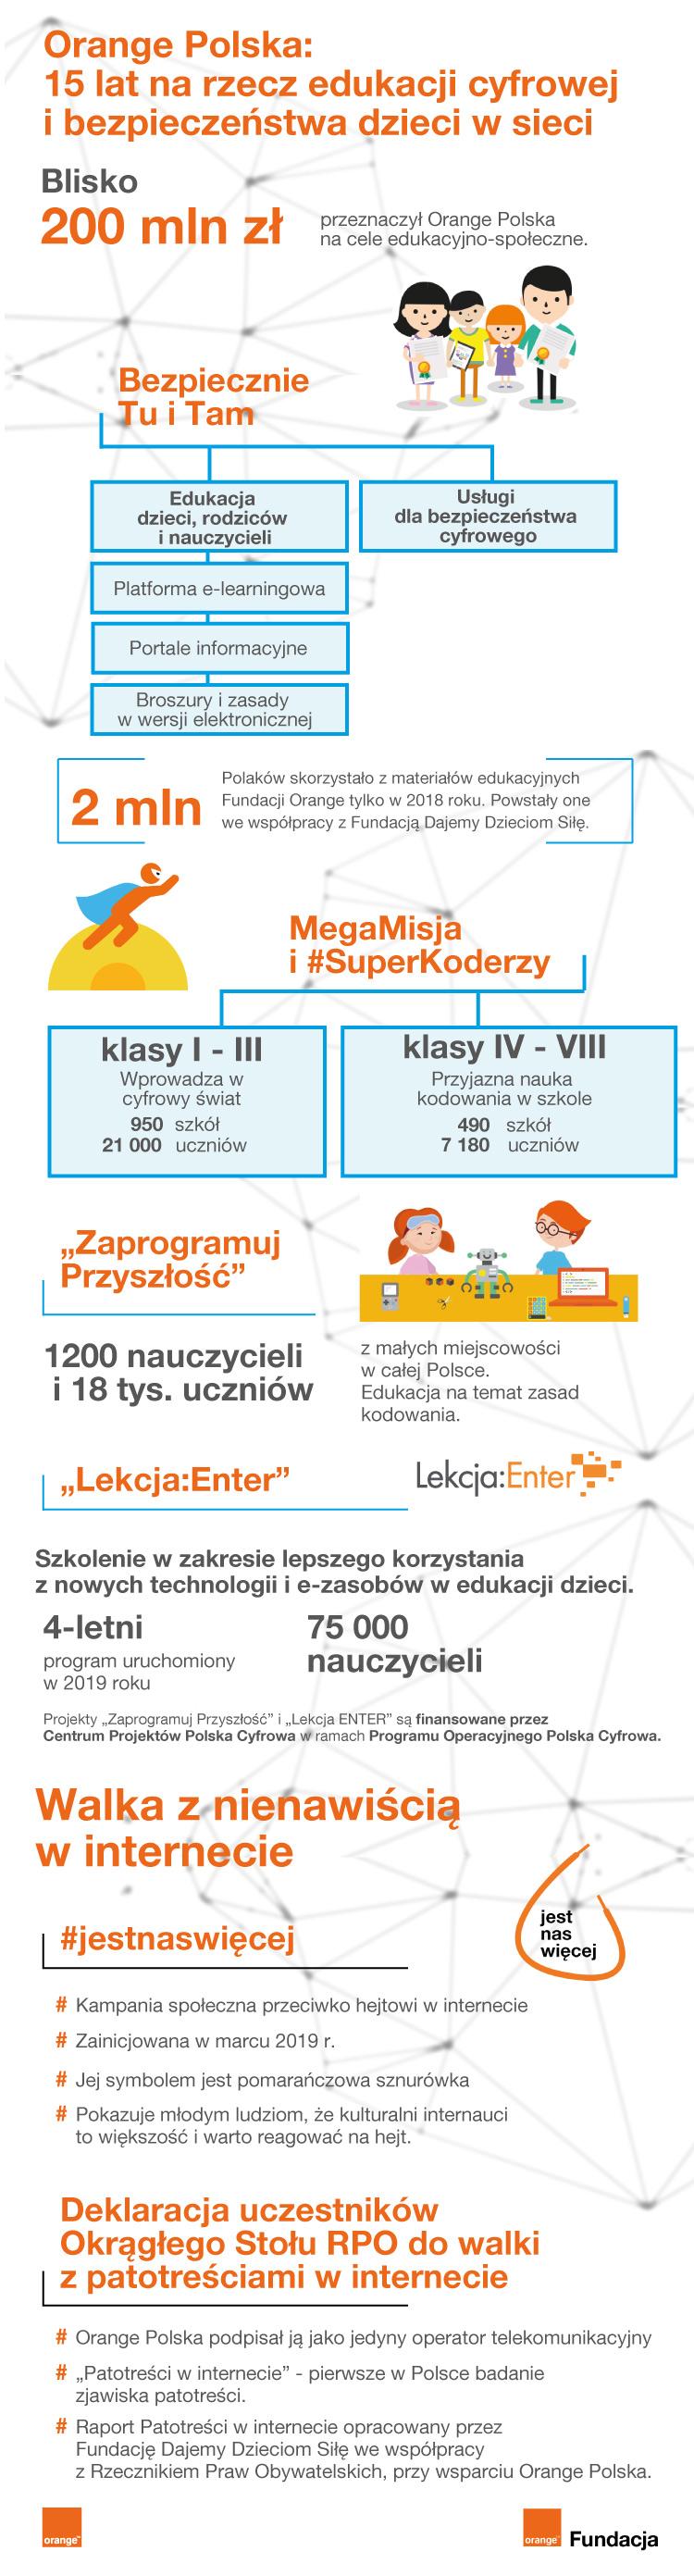 Infografika - bezpieczeństwo i edukacja dzieci w sieci